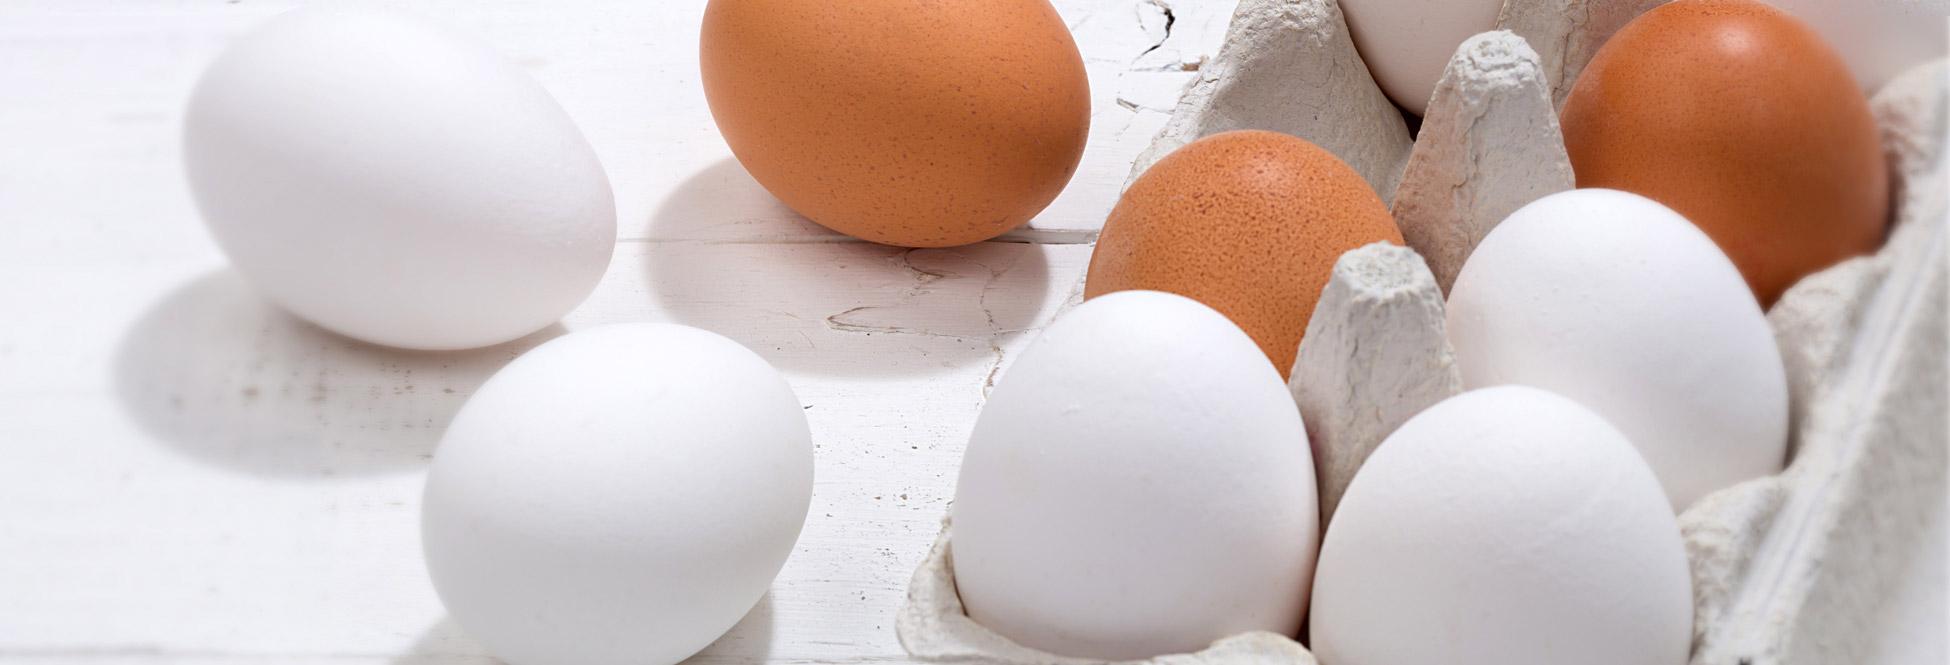 Sie sehen einen Eierkarton mit weißen und braunen Eiern